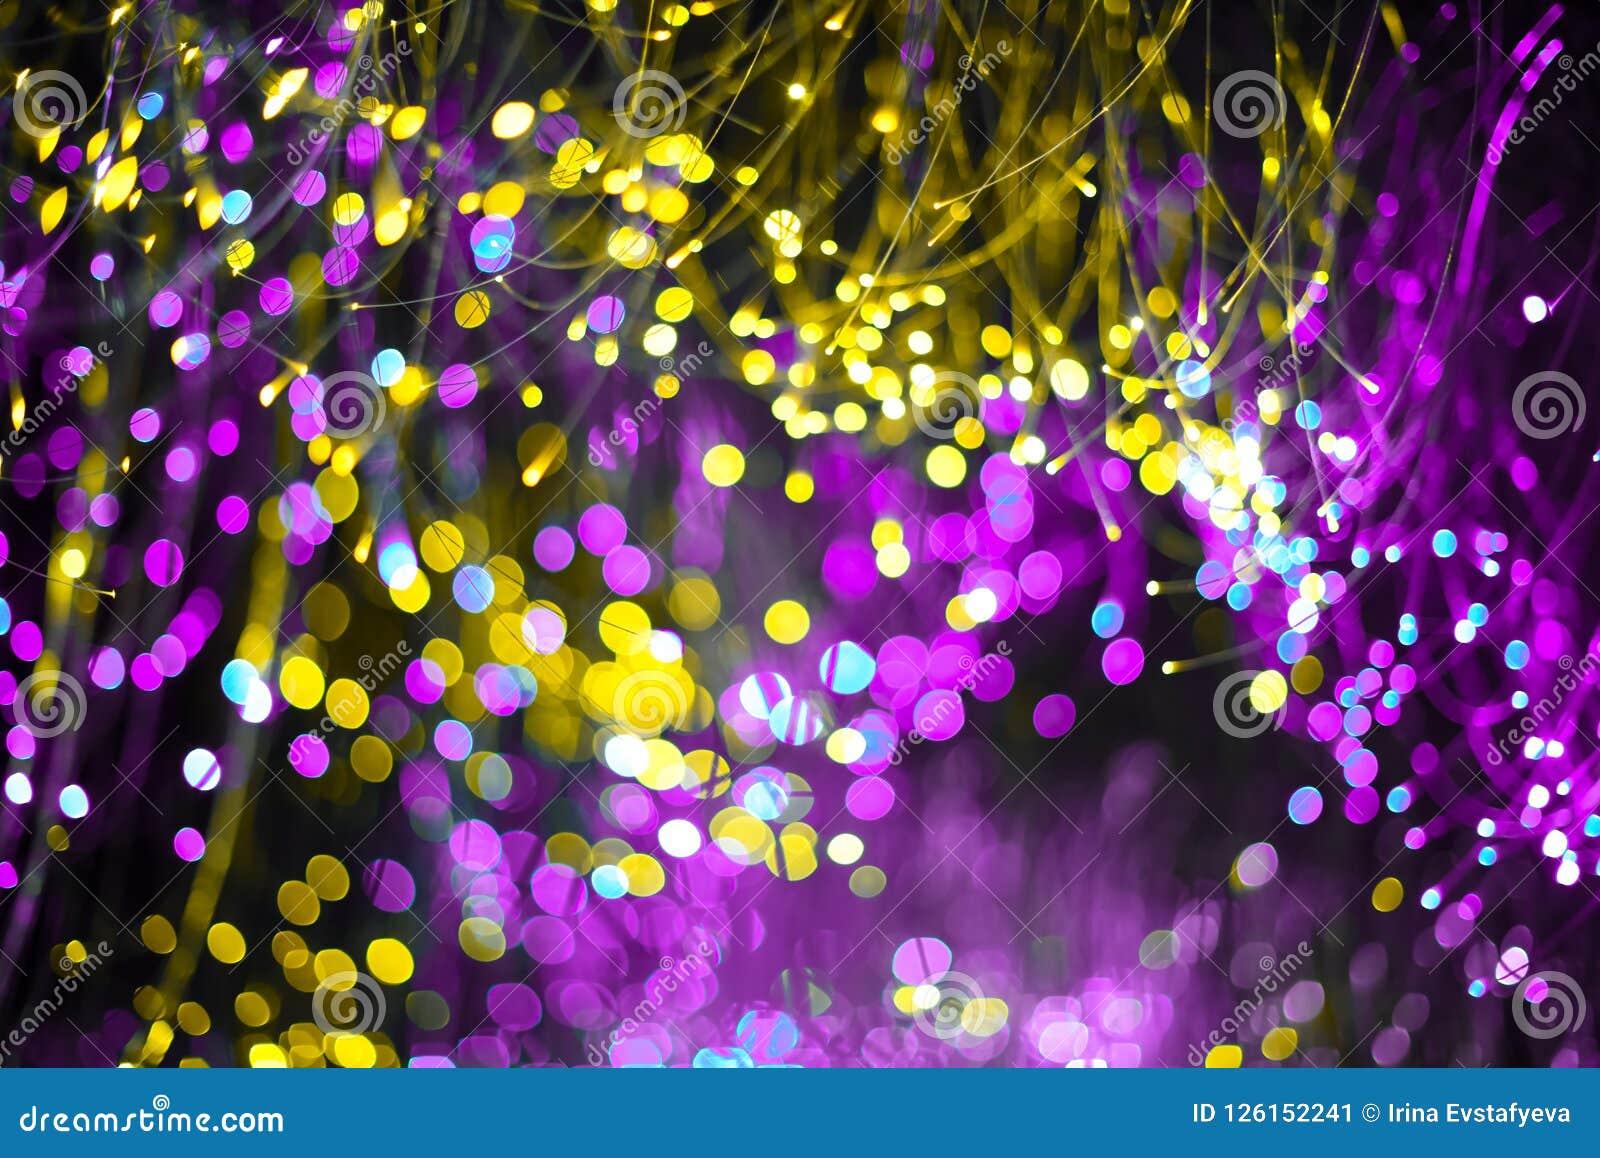 Fundo abstrato com néon roxo da textura do bokeh da fantasia e cor dourada Fundo elegante do Natal